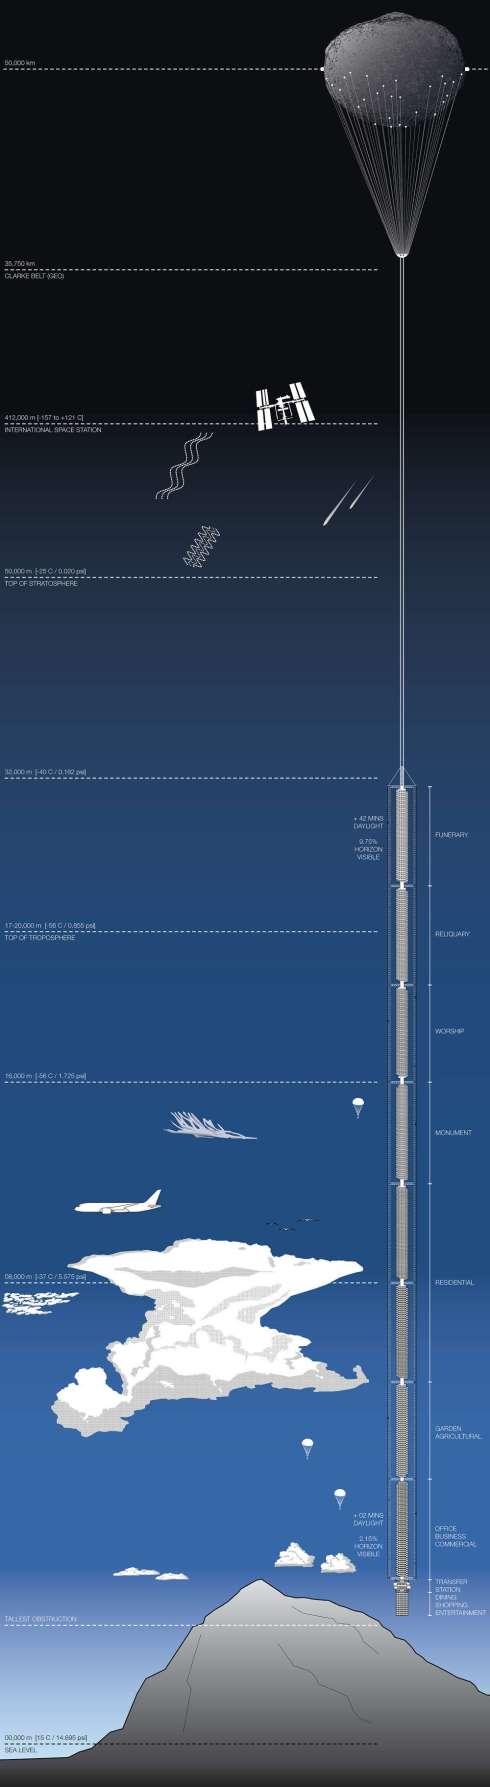 content-1490700206-diagram[1].jpg